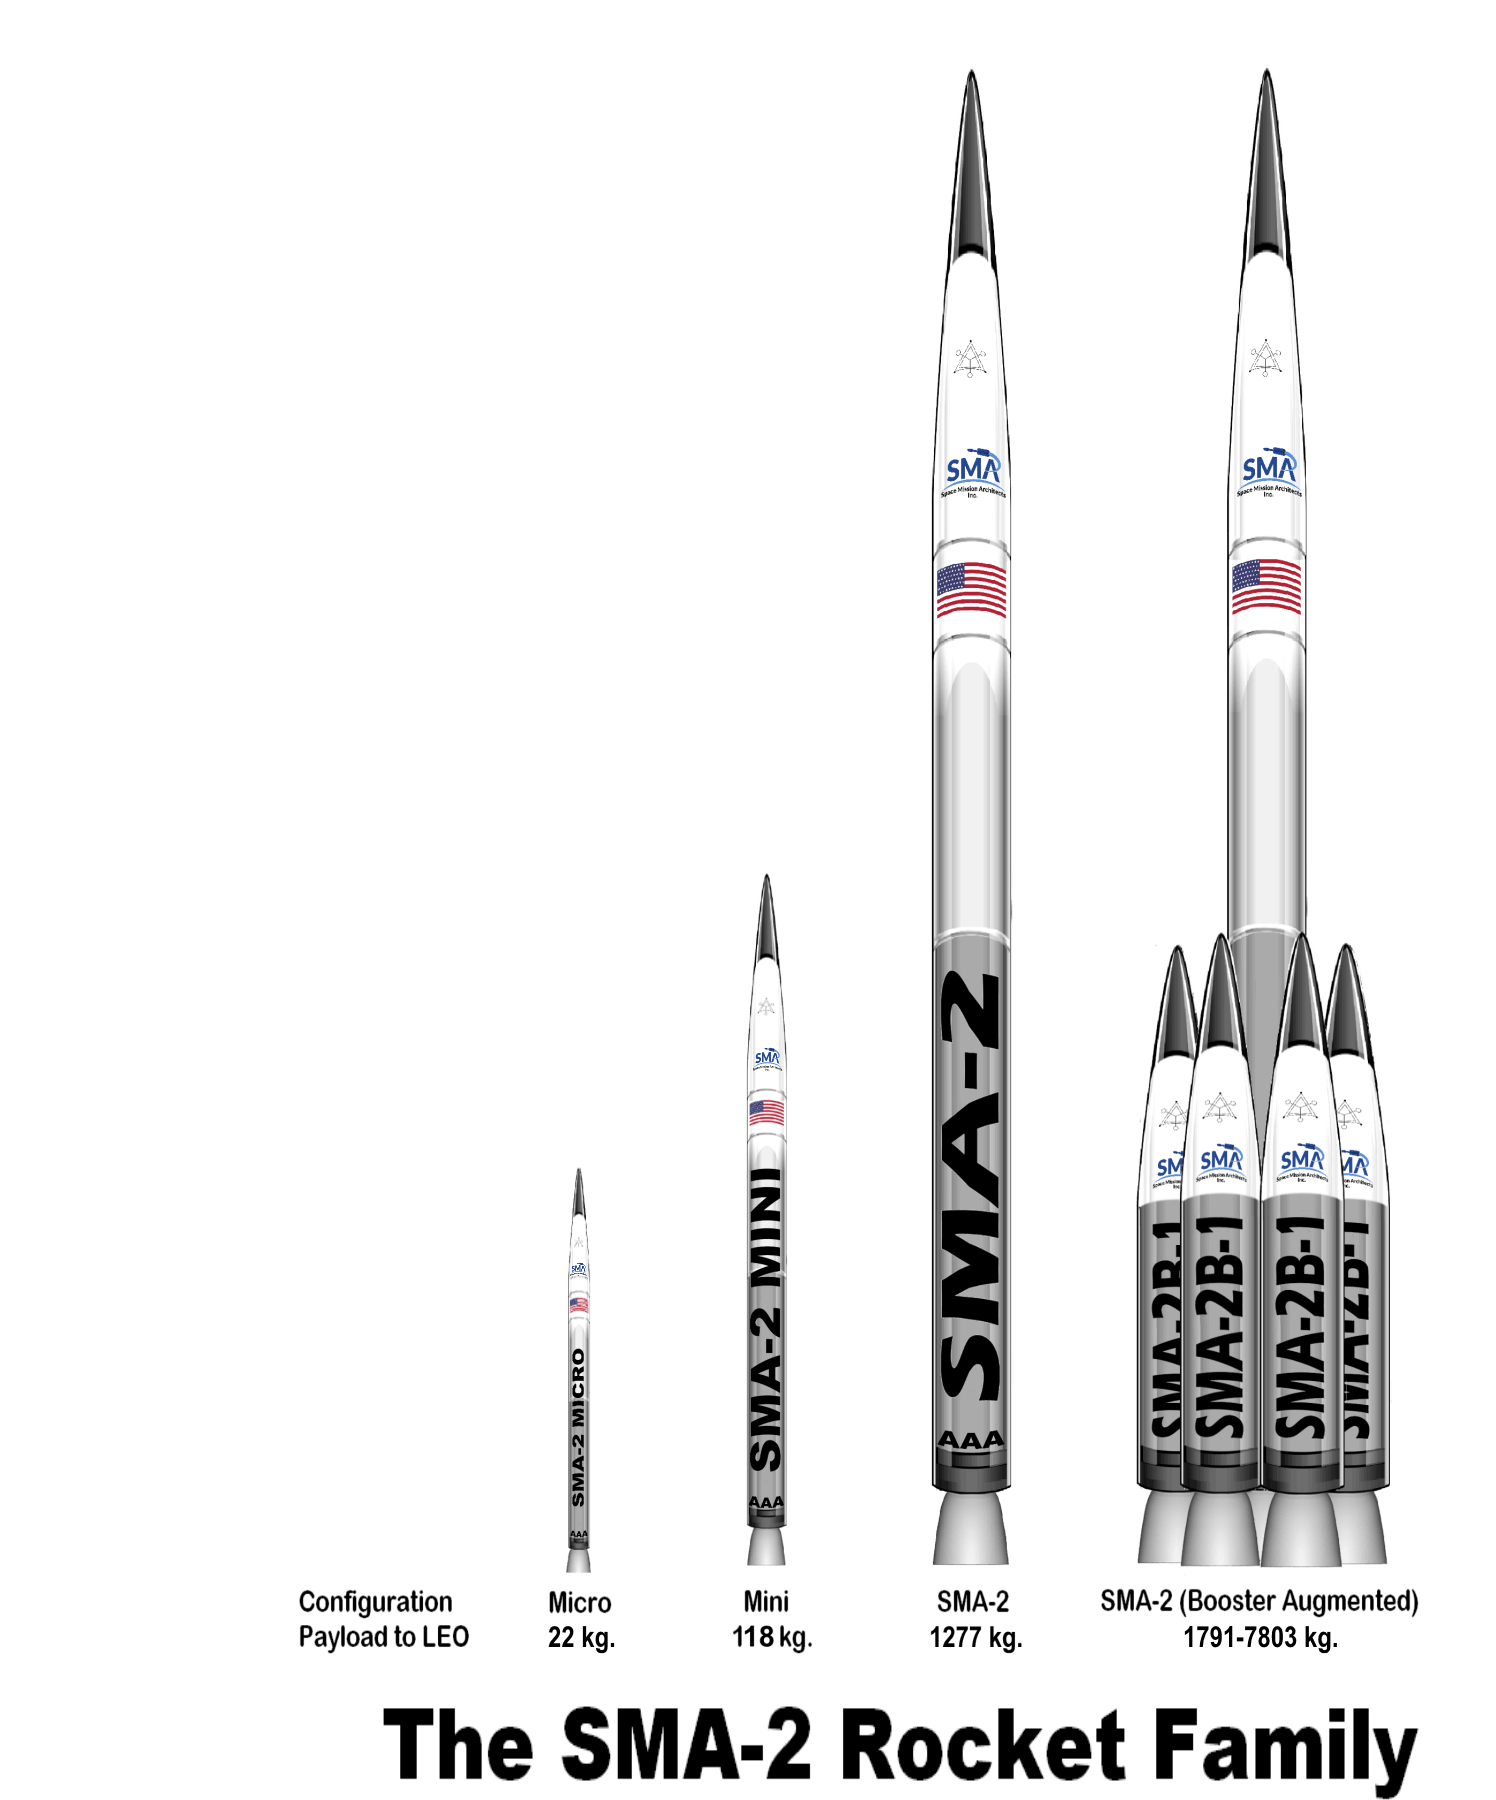 SMA-2 rocket family